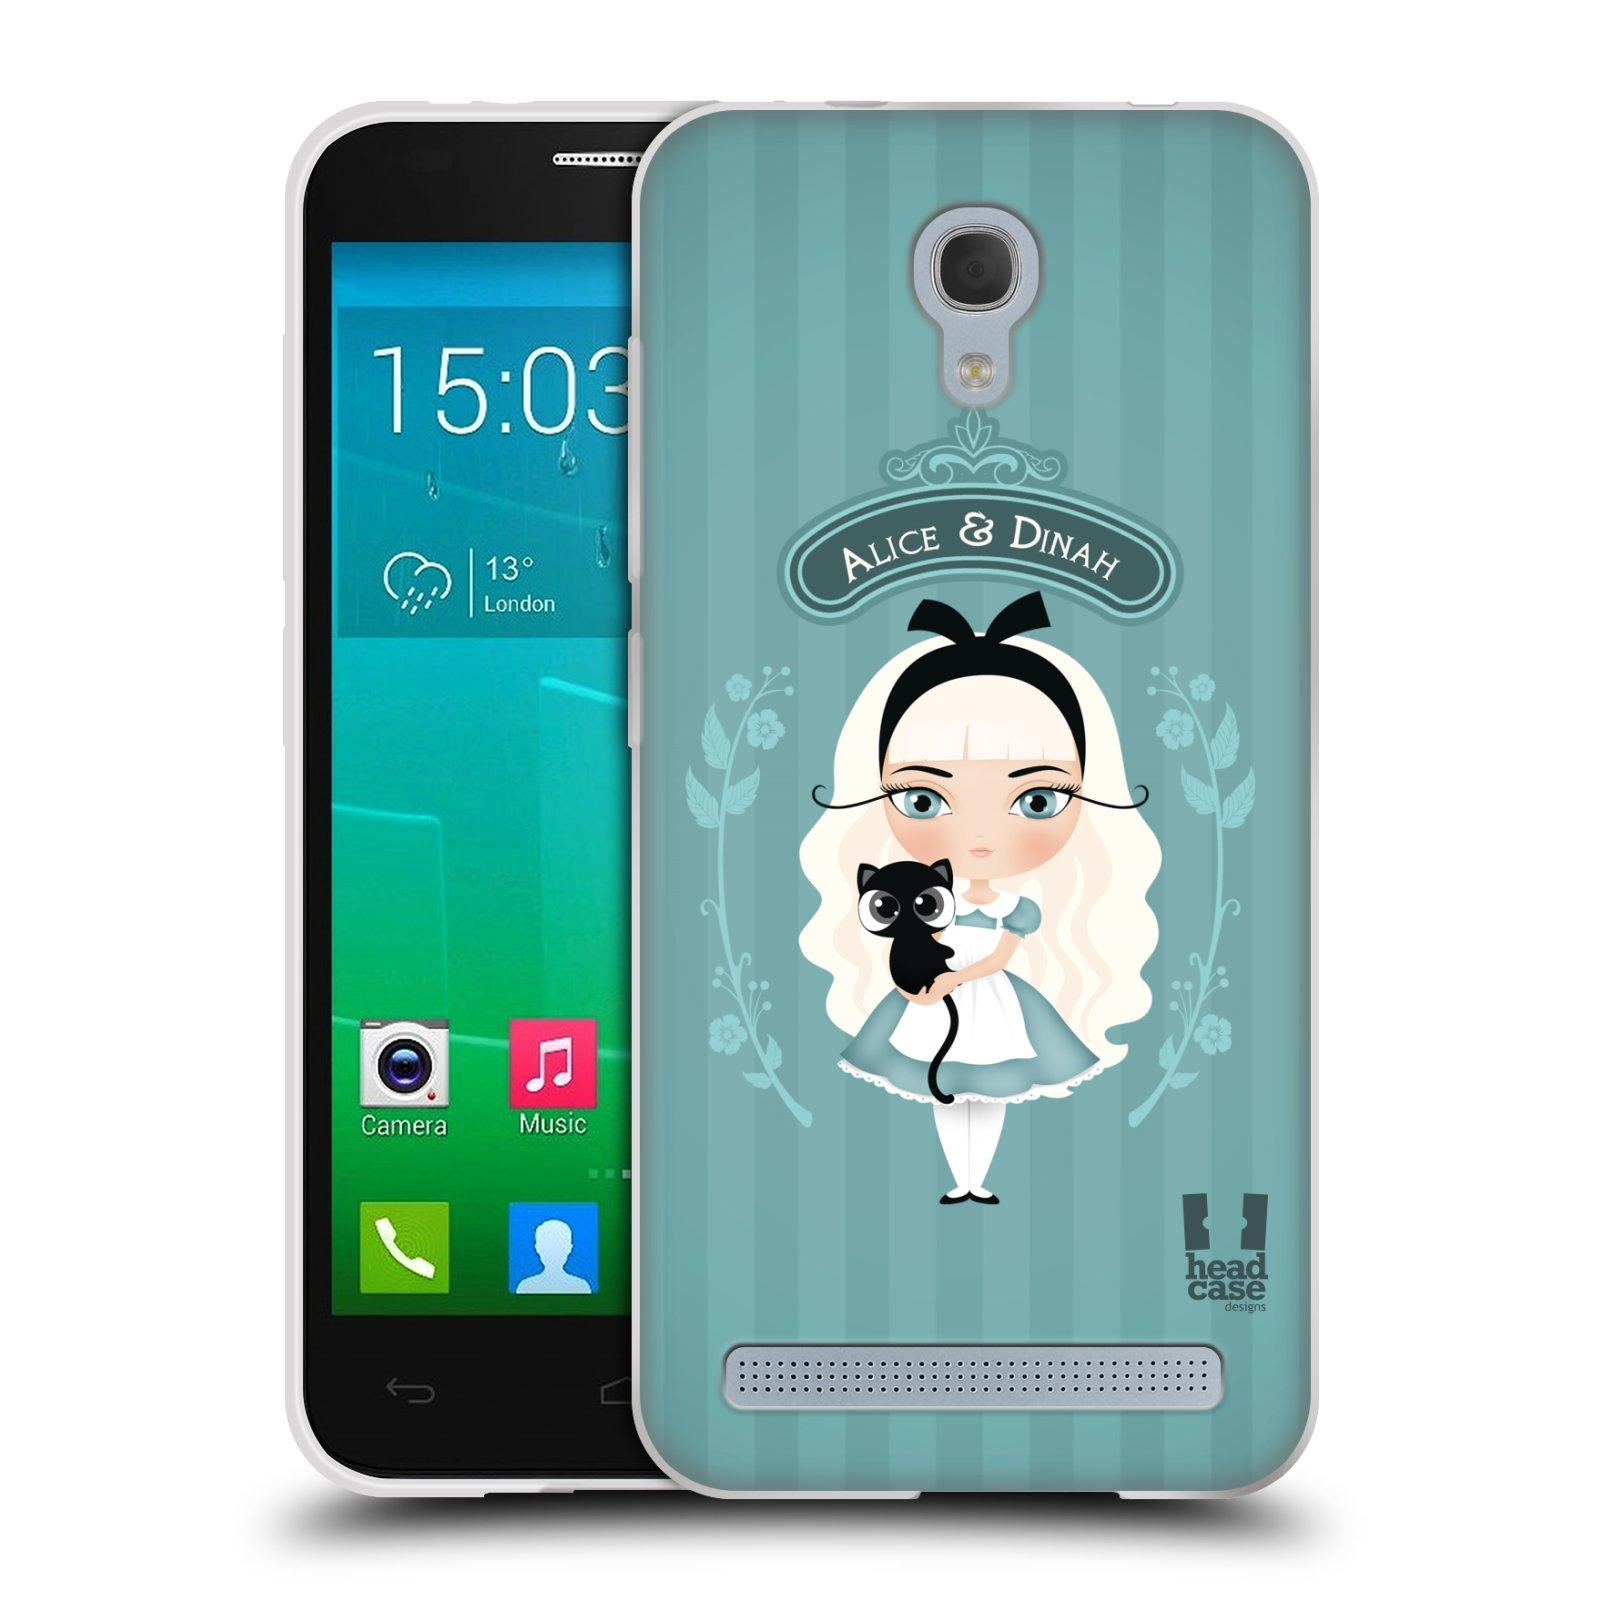 HEAD CASE silikonový obal na mobil Alcatel Idol 2 MINI S 6036Y vzor Alenka v říši divů Alenka